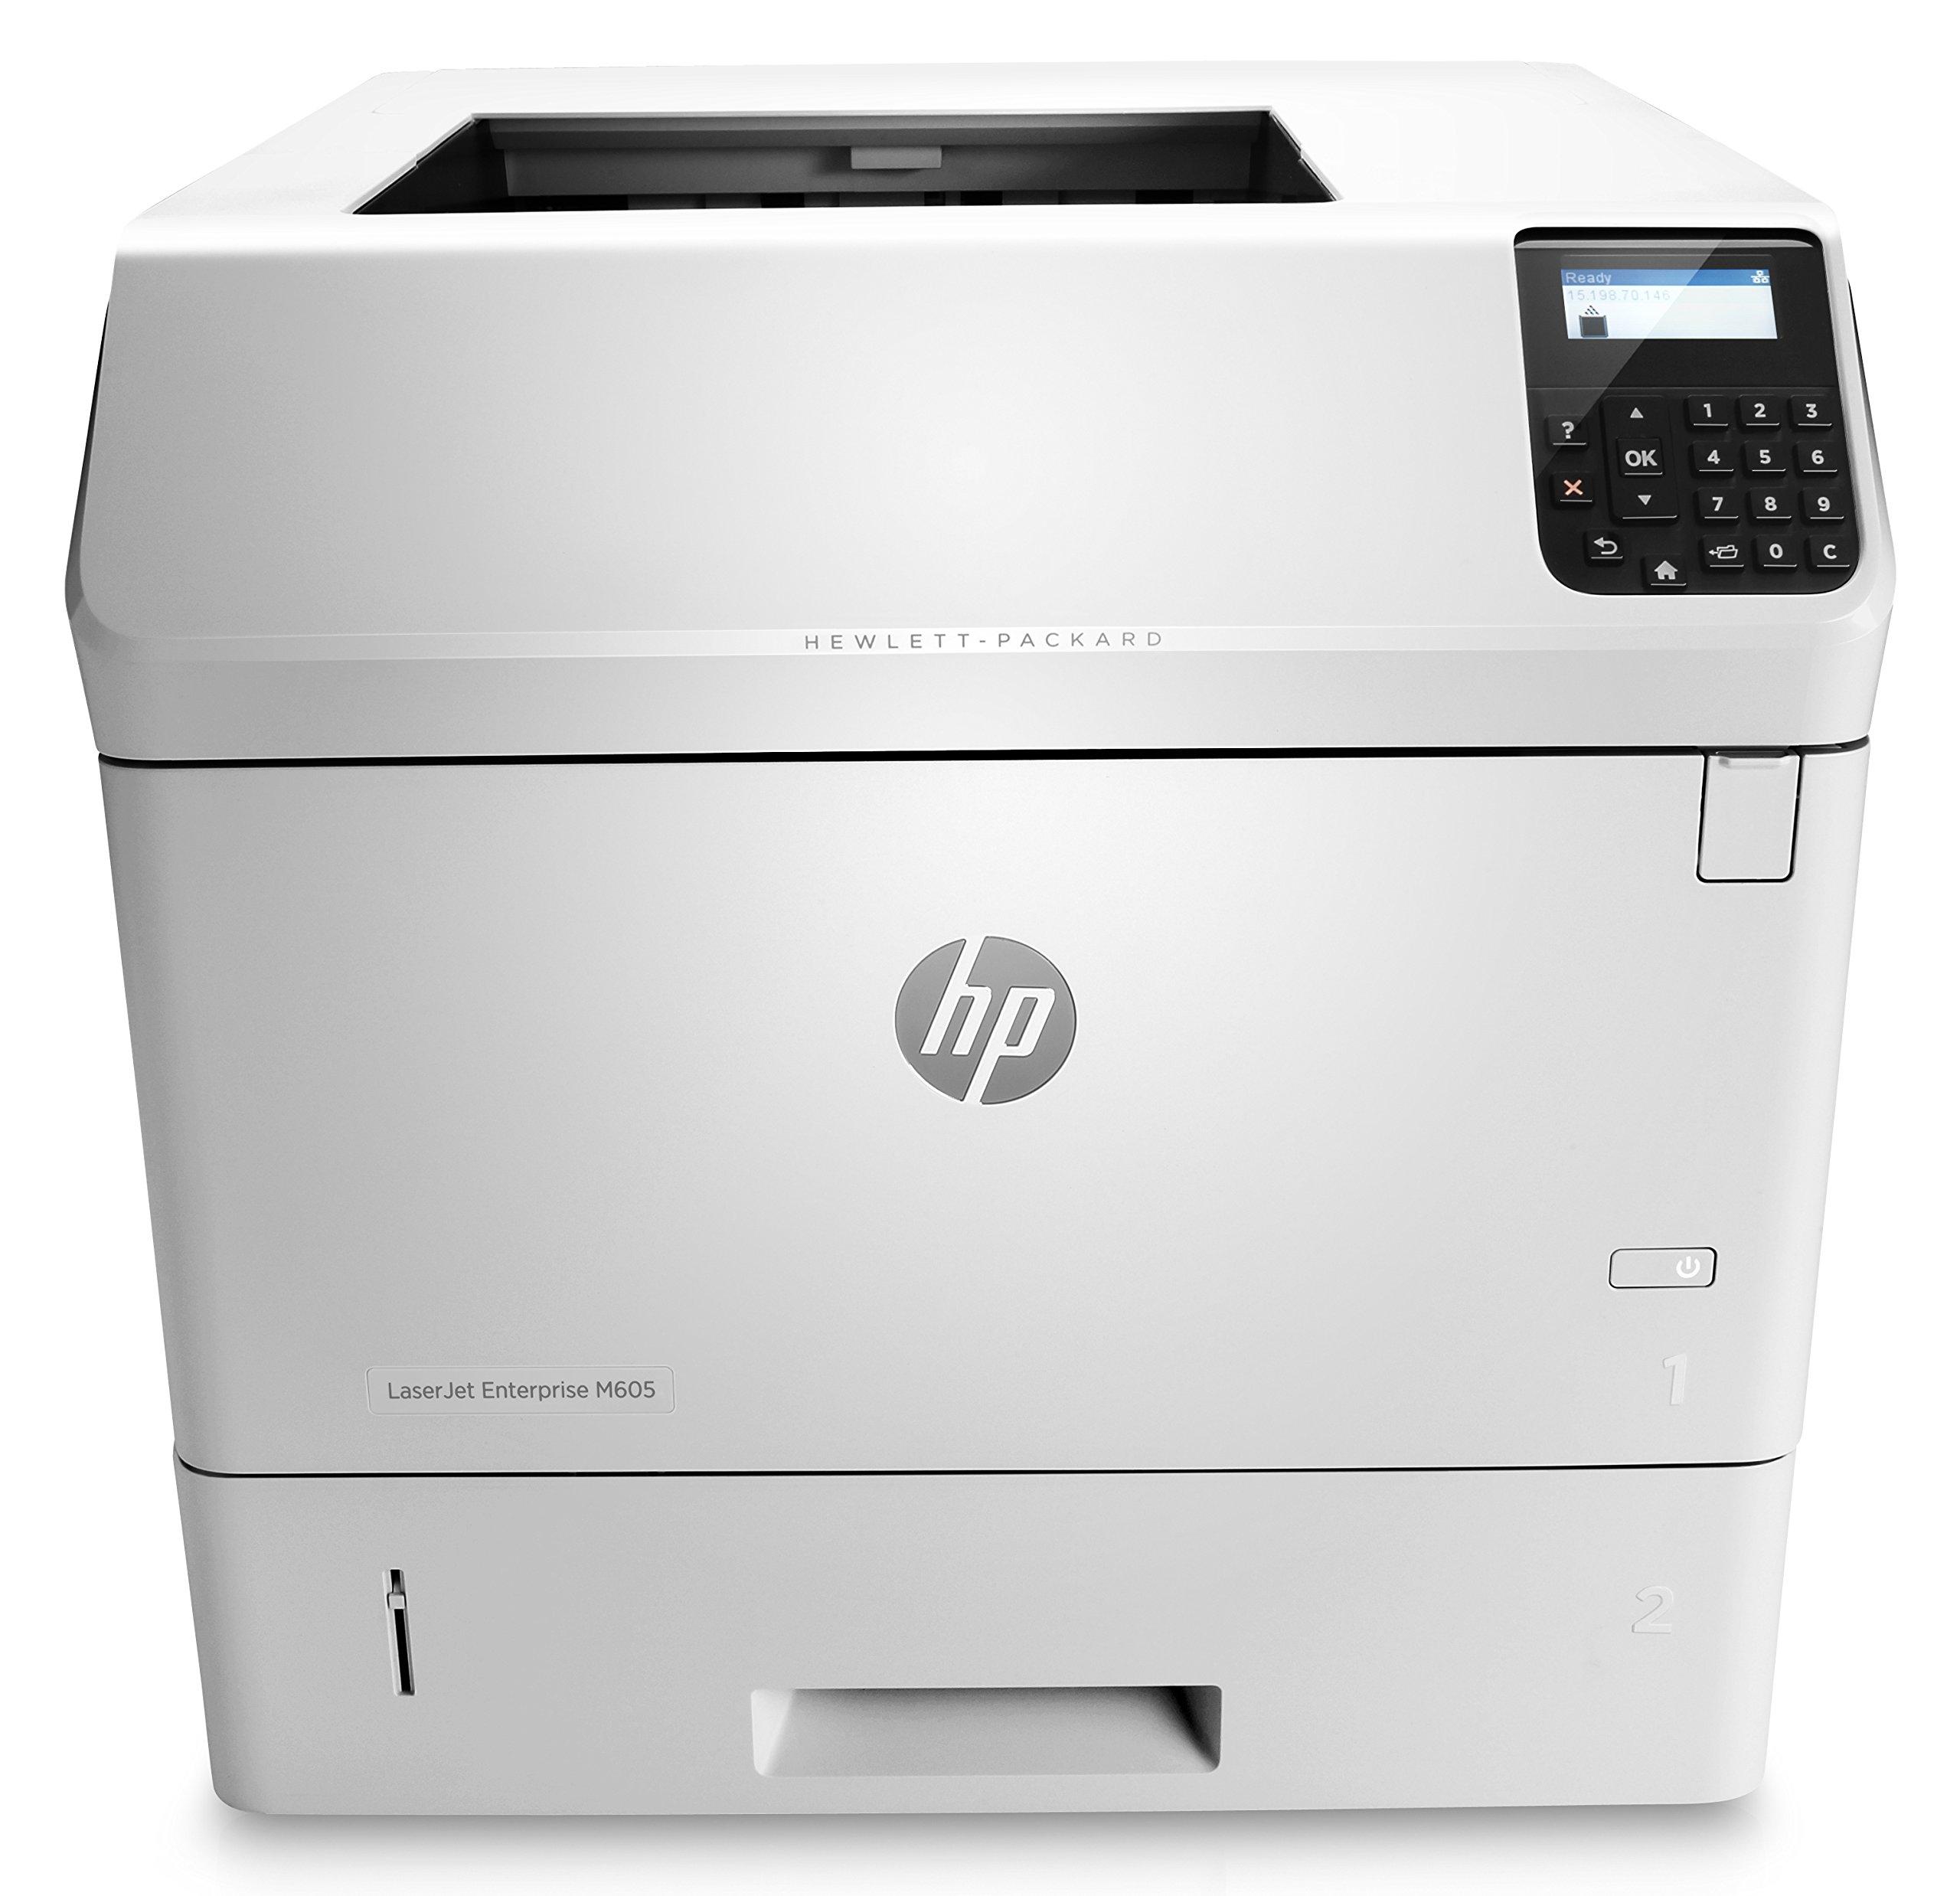 HP Monochrome LaserJet Enterprise M605n Printer w/ HP FutureSmart Firmware, (E6B69A) by HP